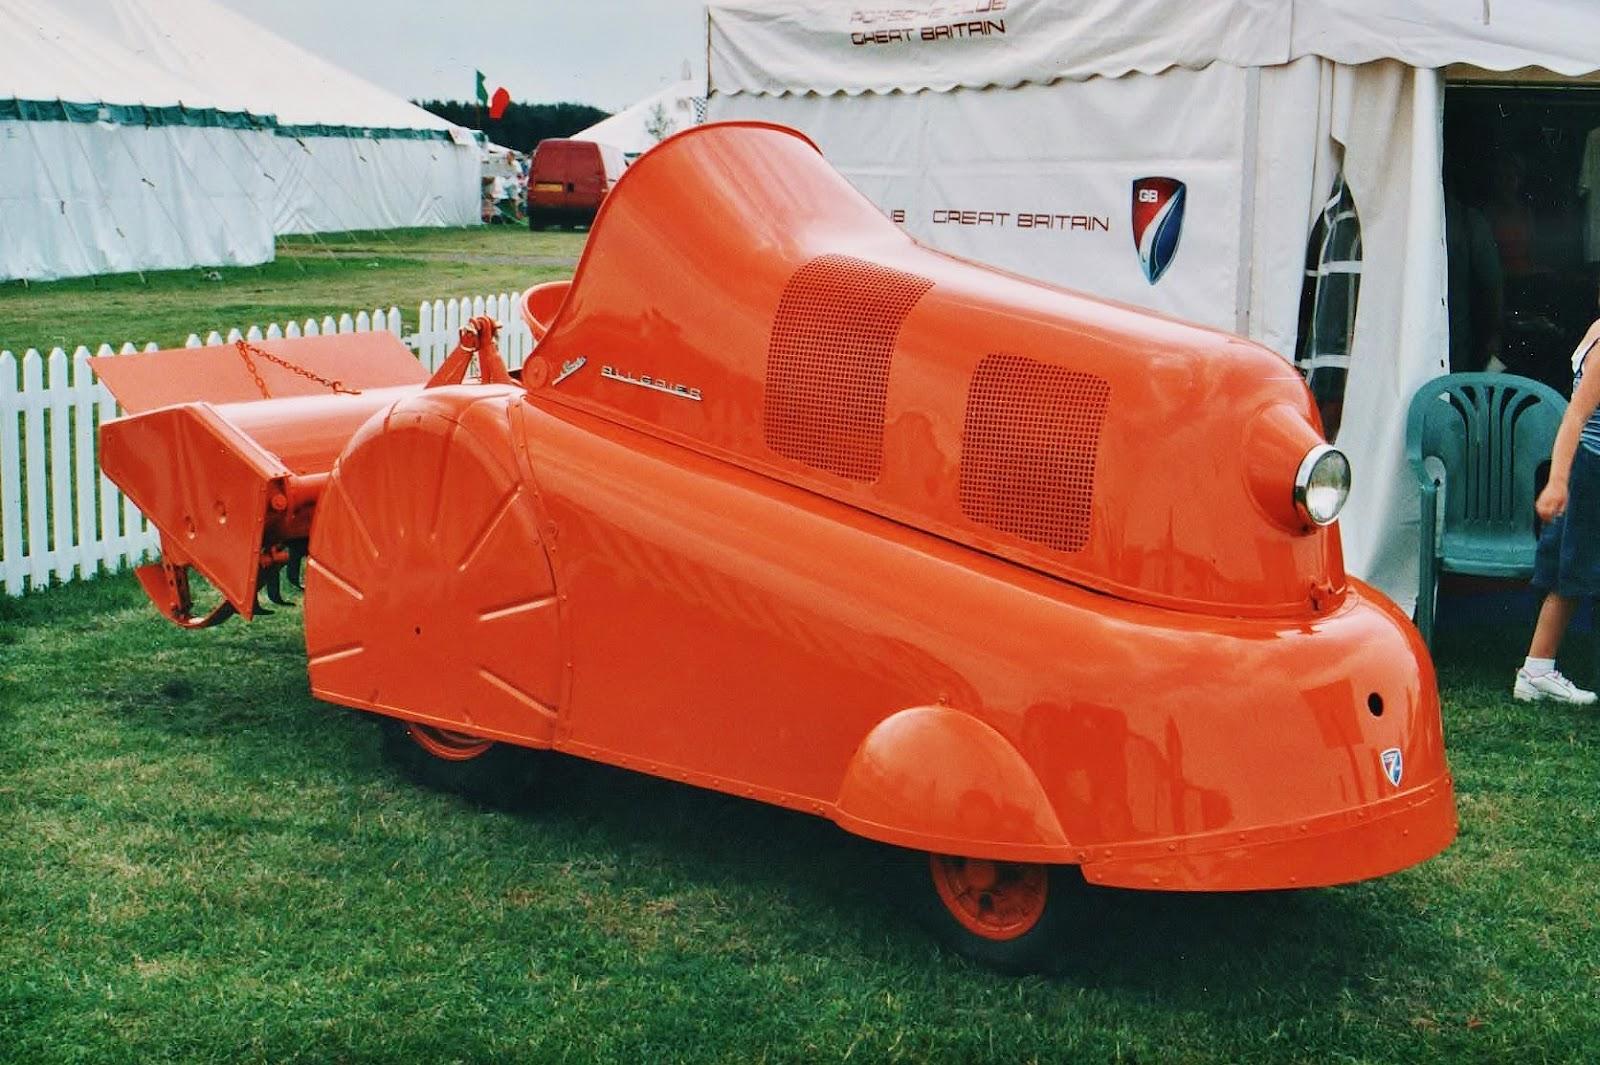 Porschejev posebni traktor Coffee Train P312.